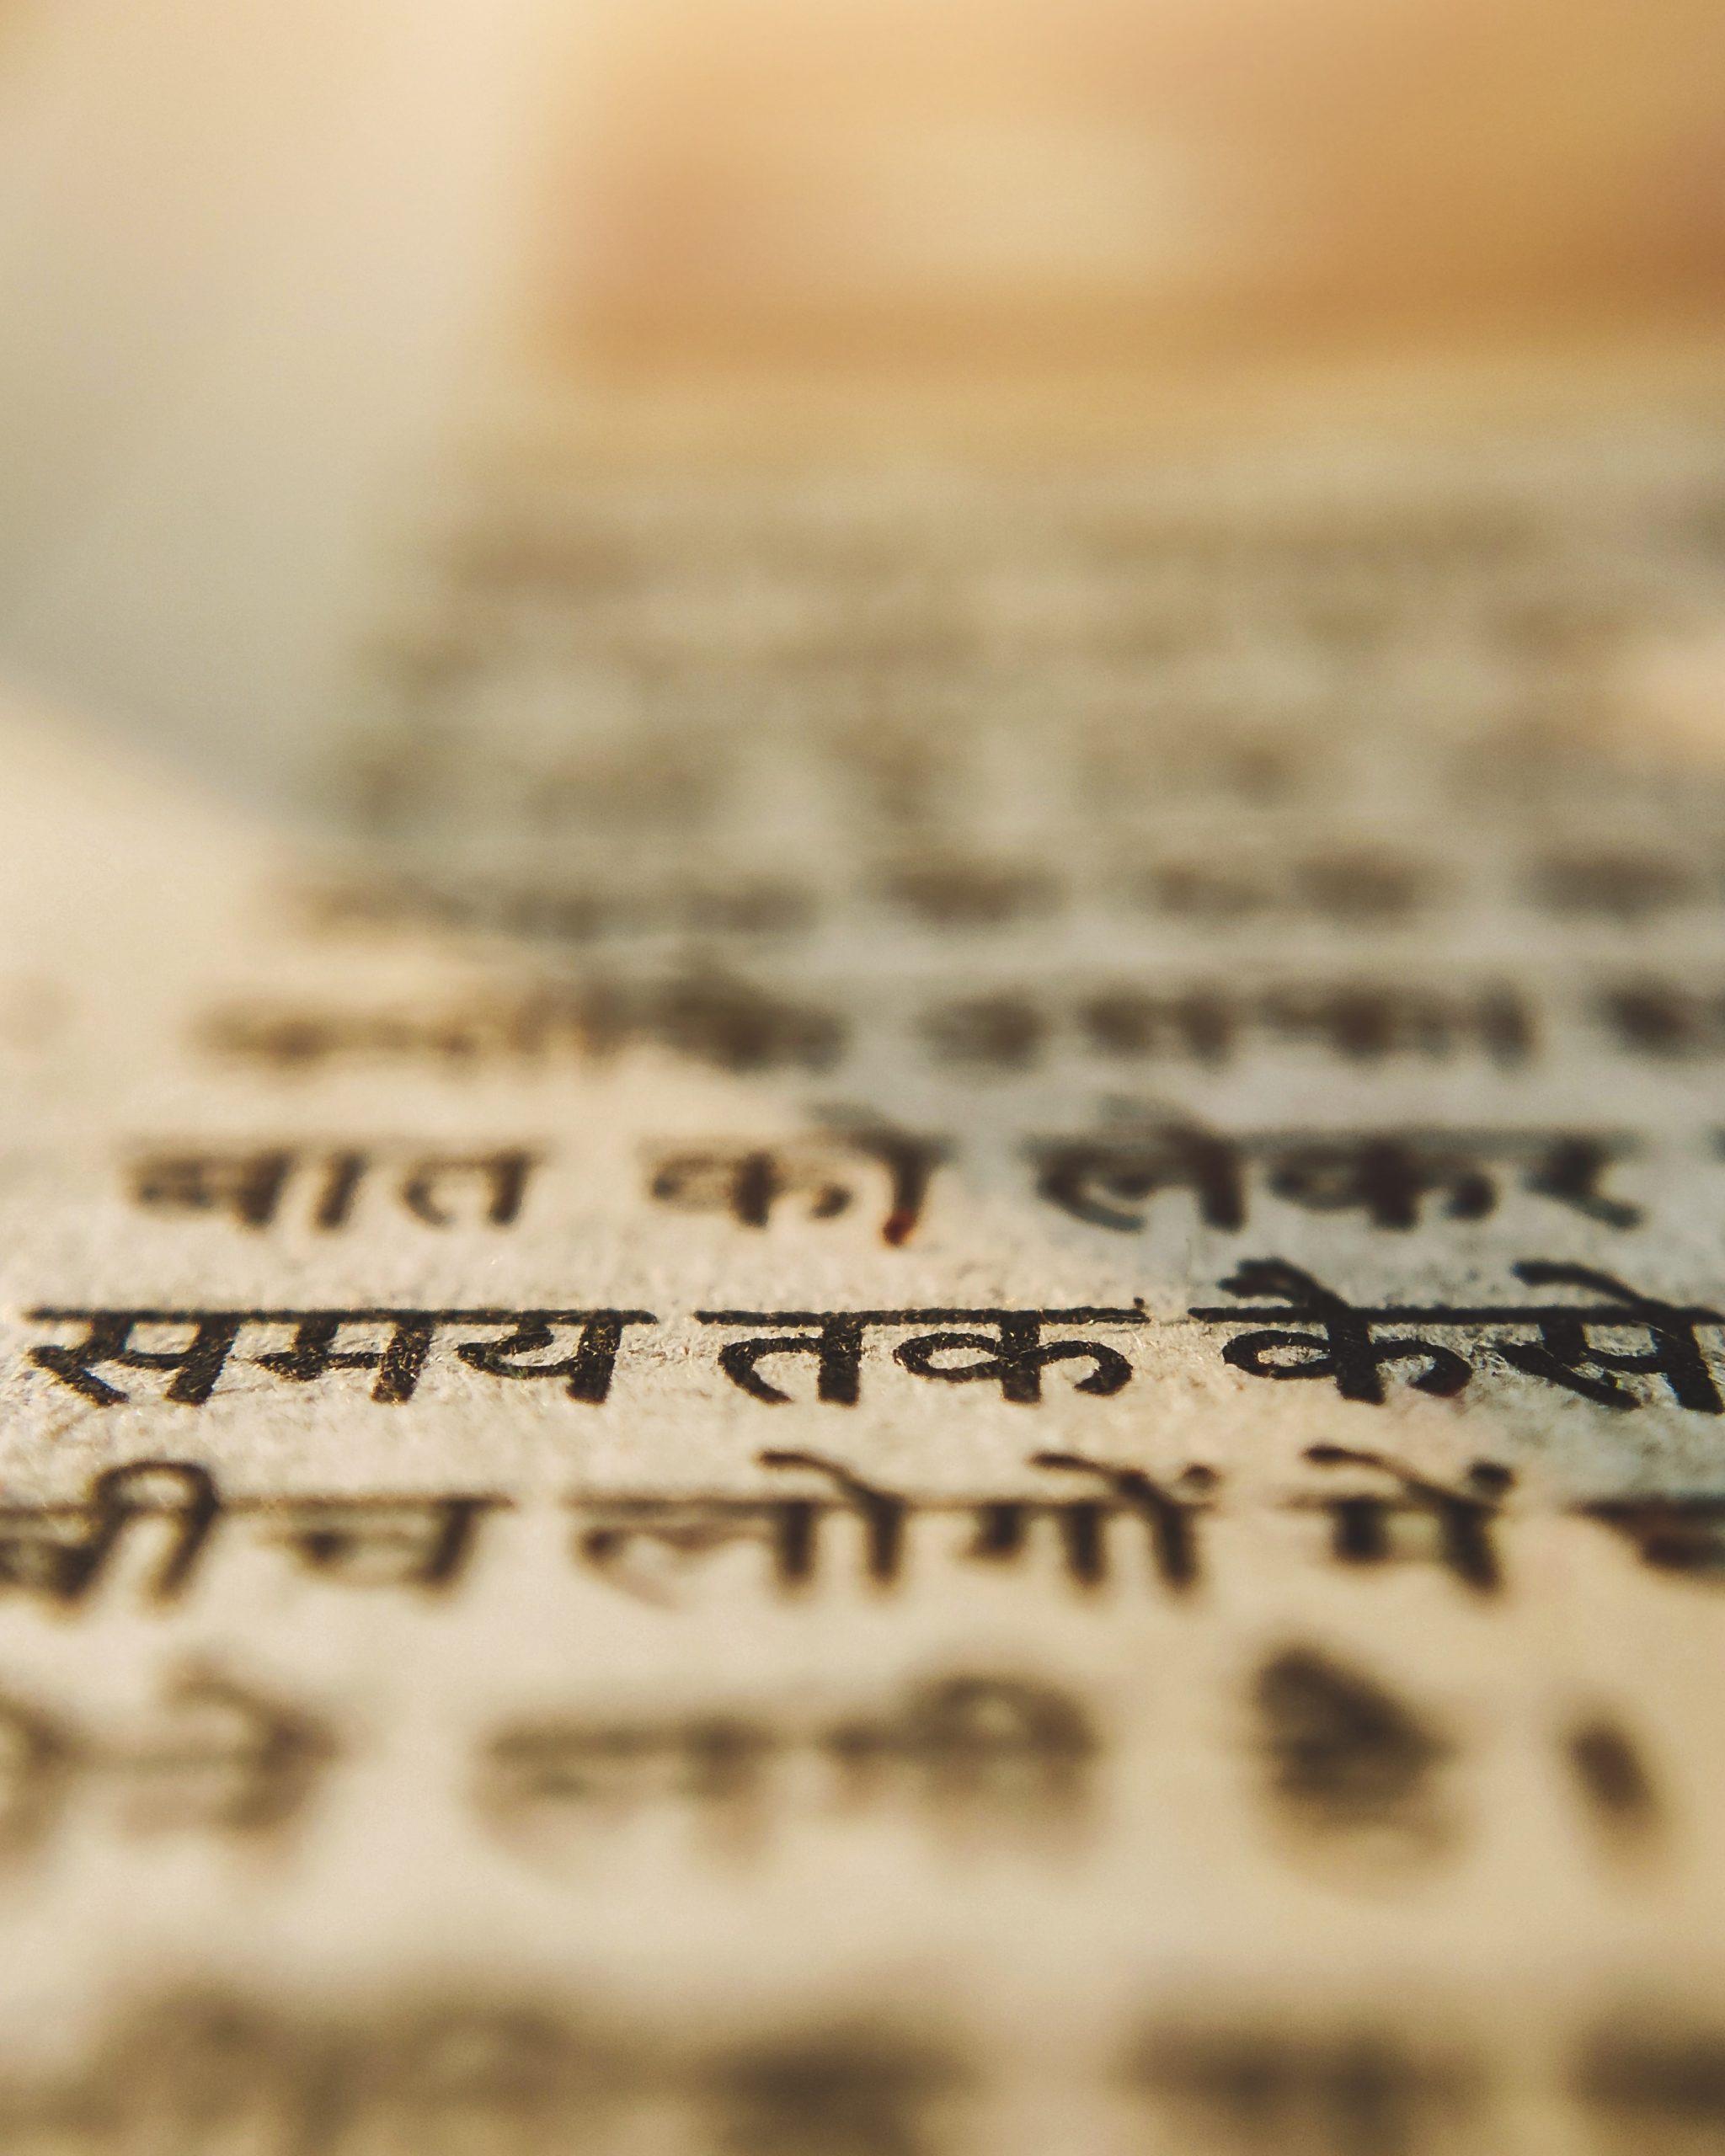 Hindi text written on paper